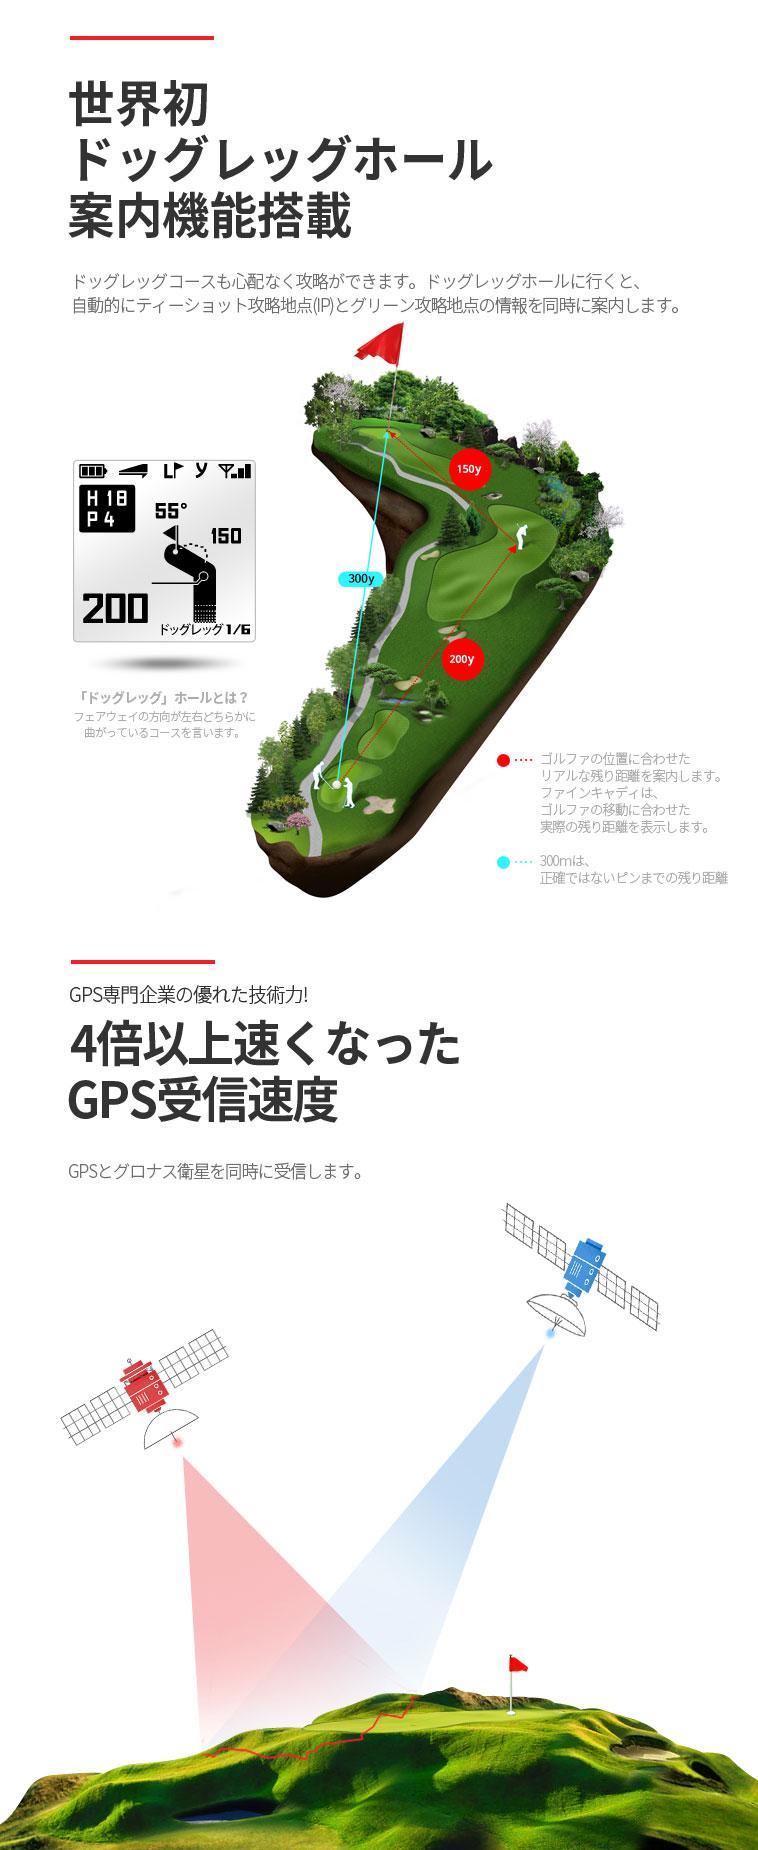 ファインキャディ M500_3